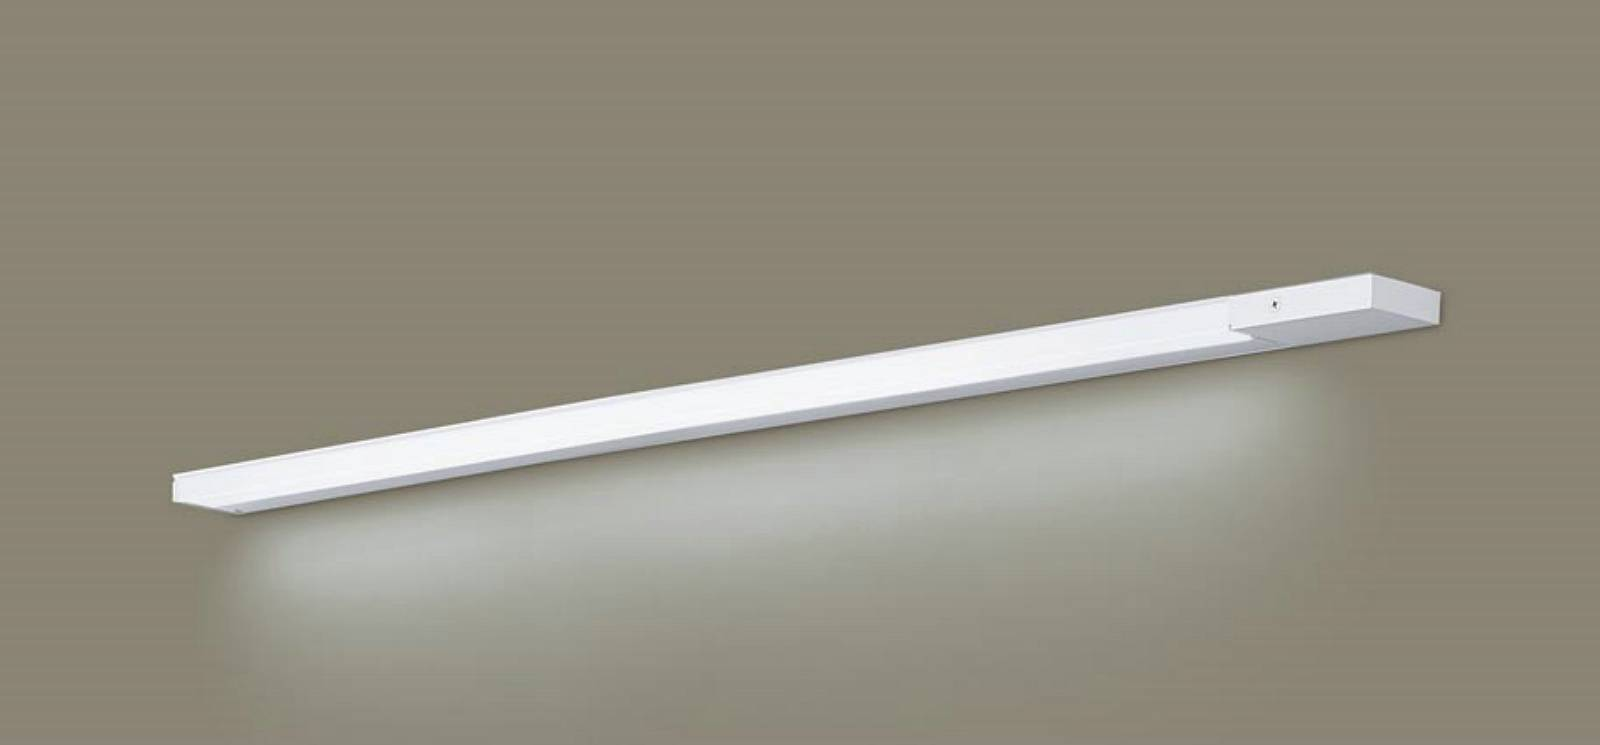 T区分 パナソニック LGB51340XG1 ベースライト 建築化照明器具 畳数設定無し LED【setsuden_led】